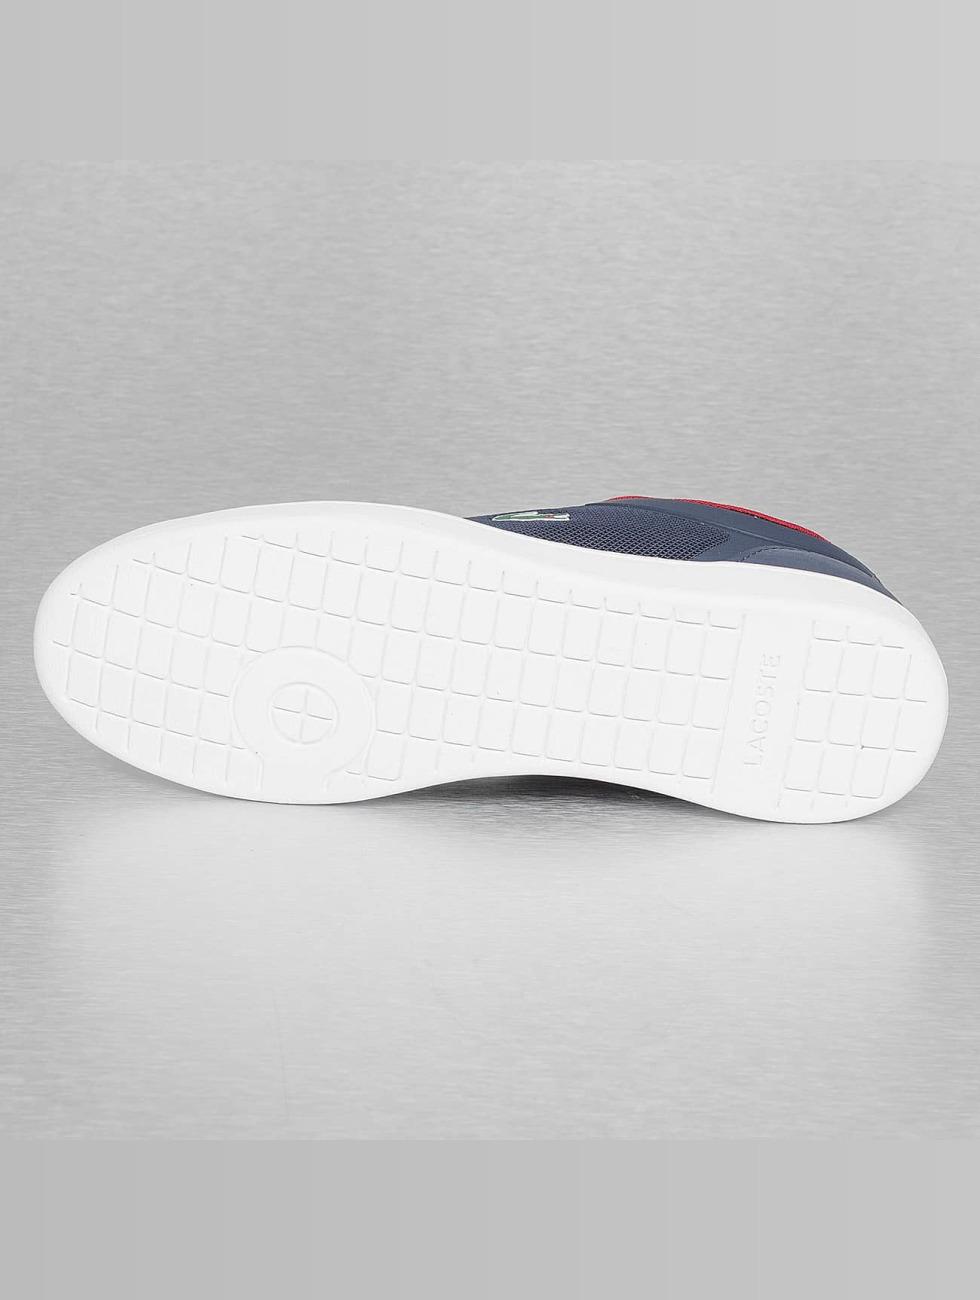 Lacoste schoen / sneaker Endliner 117 1 SPM in blauw 303700 Krijgen Om Te Kopen Outlet Nieuwe Stijlen populair Gratis Verzending Release Data GLHjRF1LDN